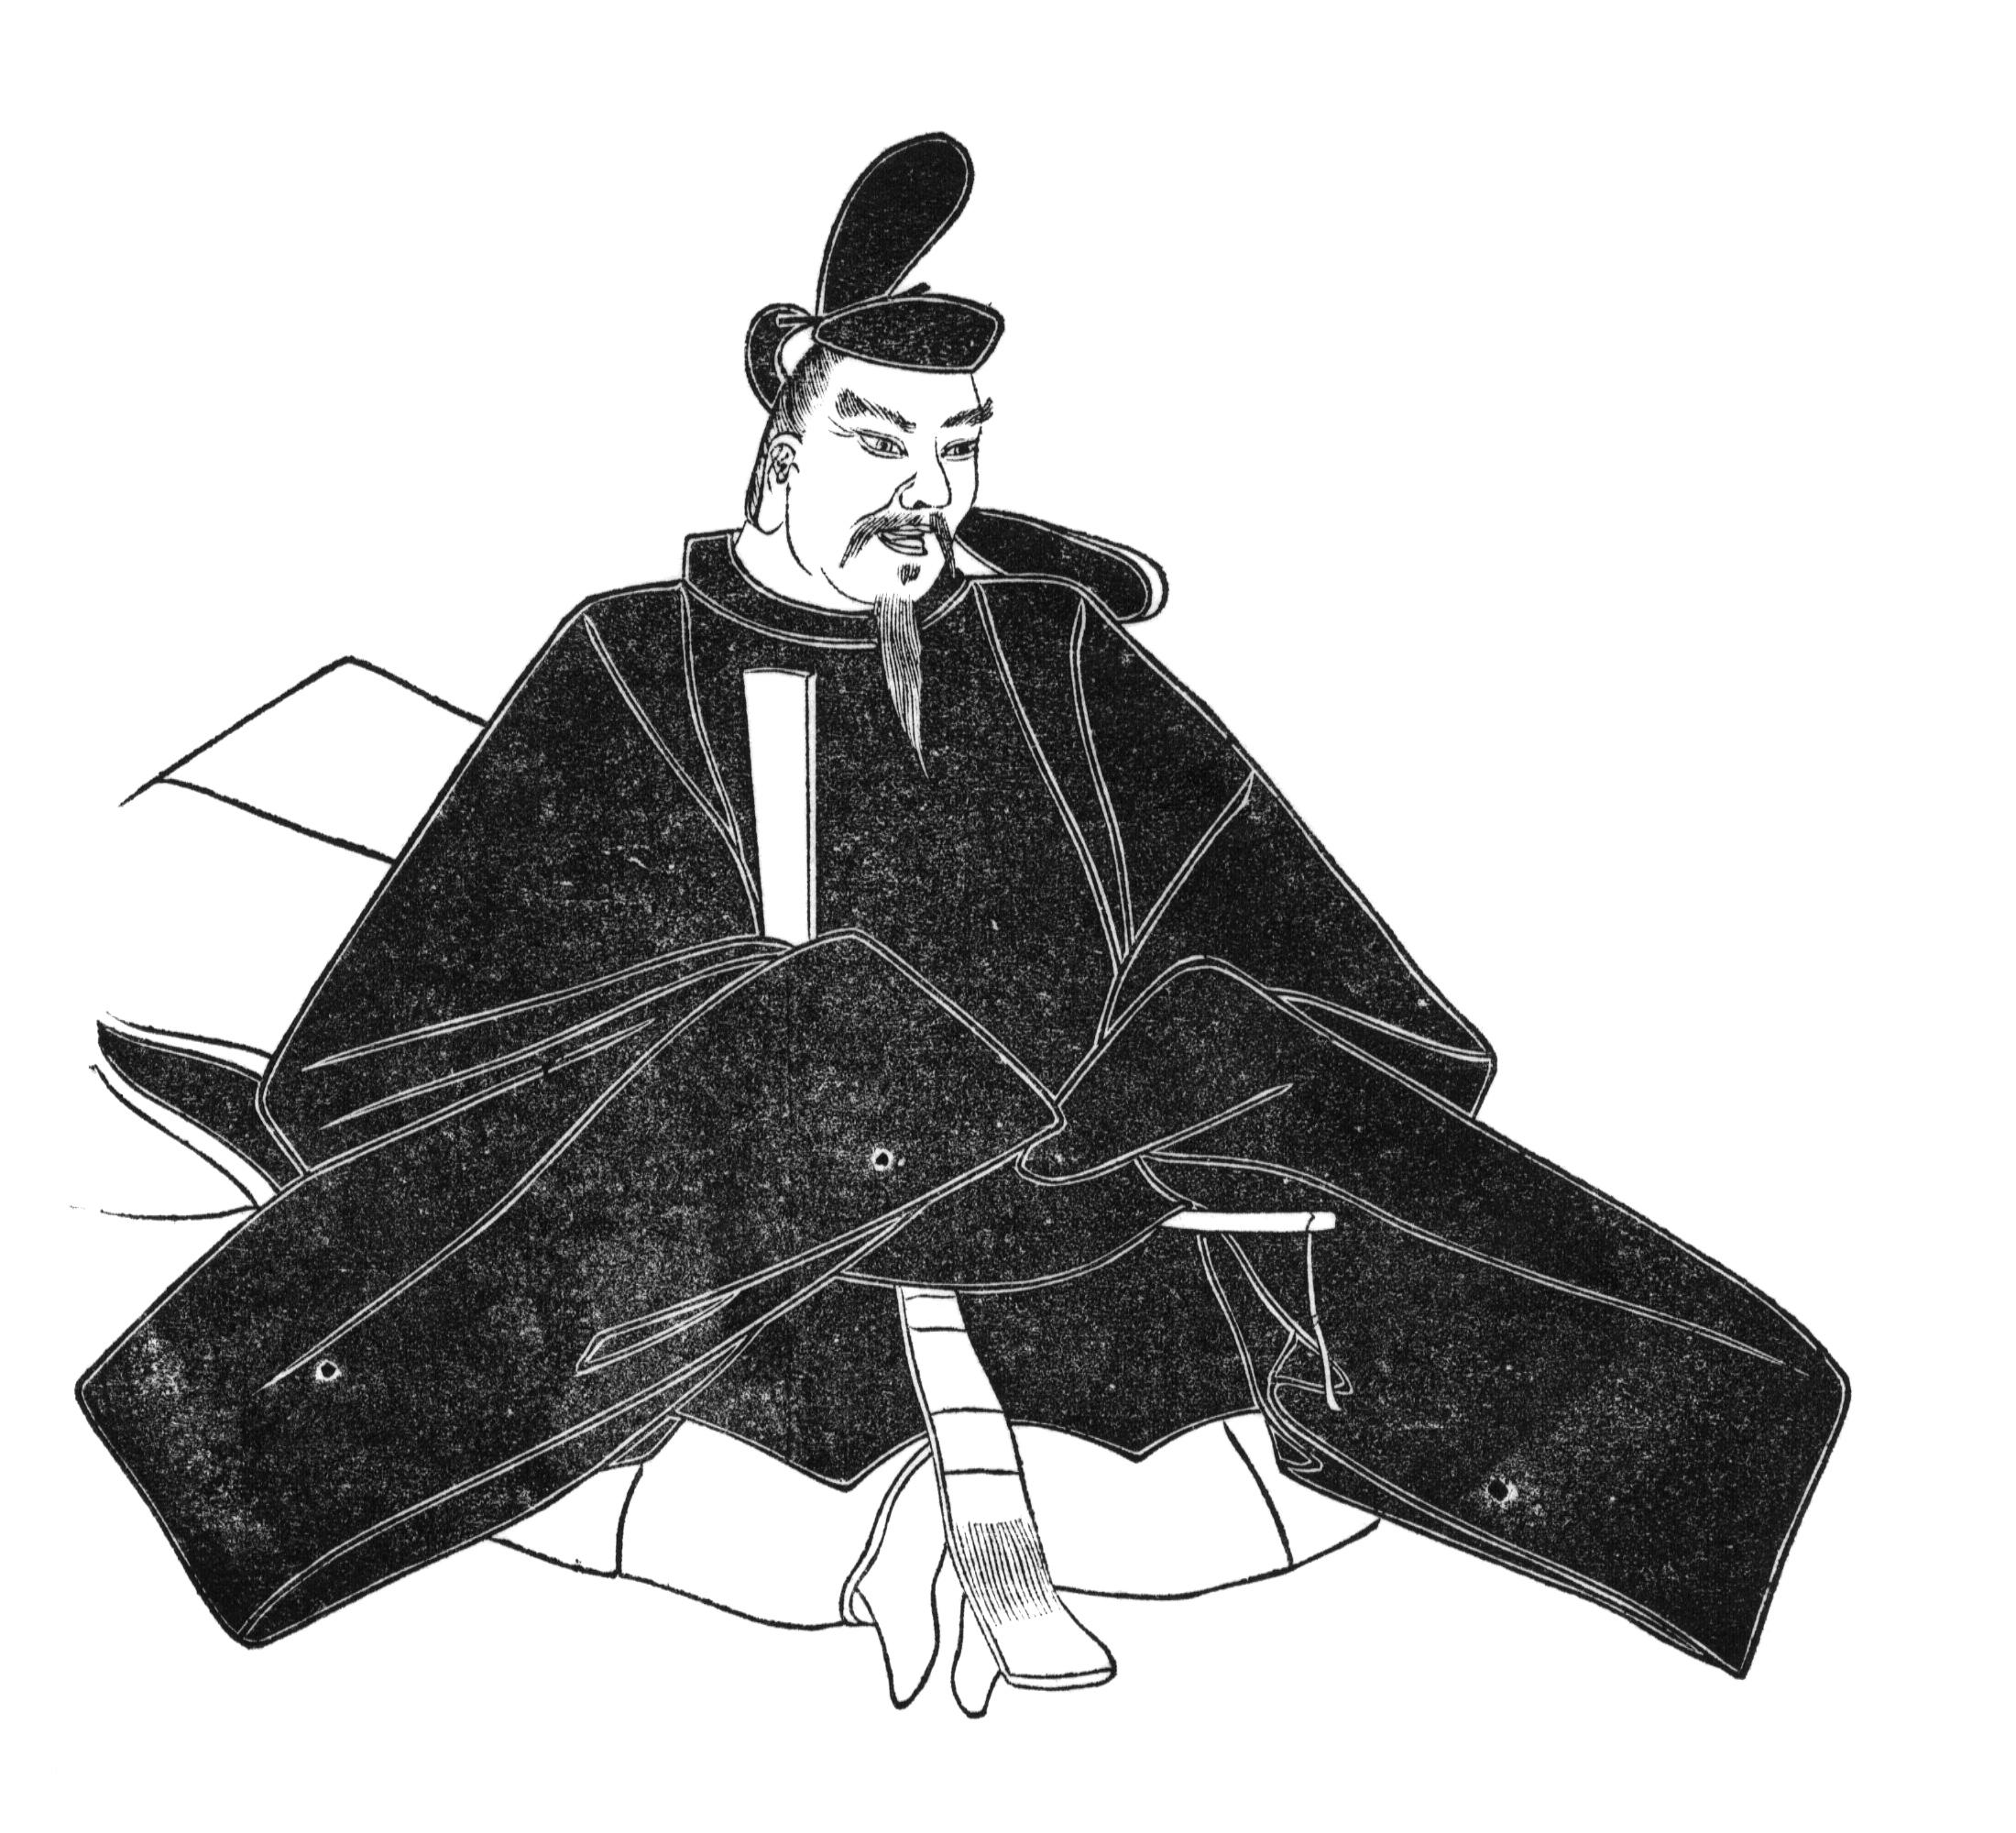 小野篁 | アート用語 by Artue